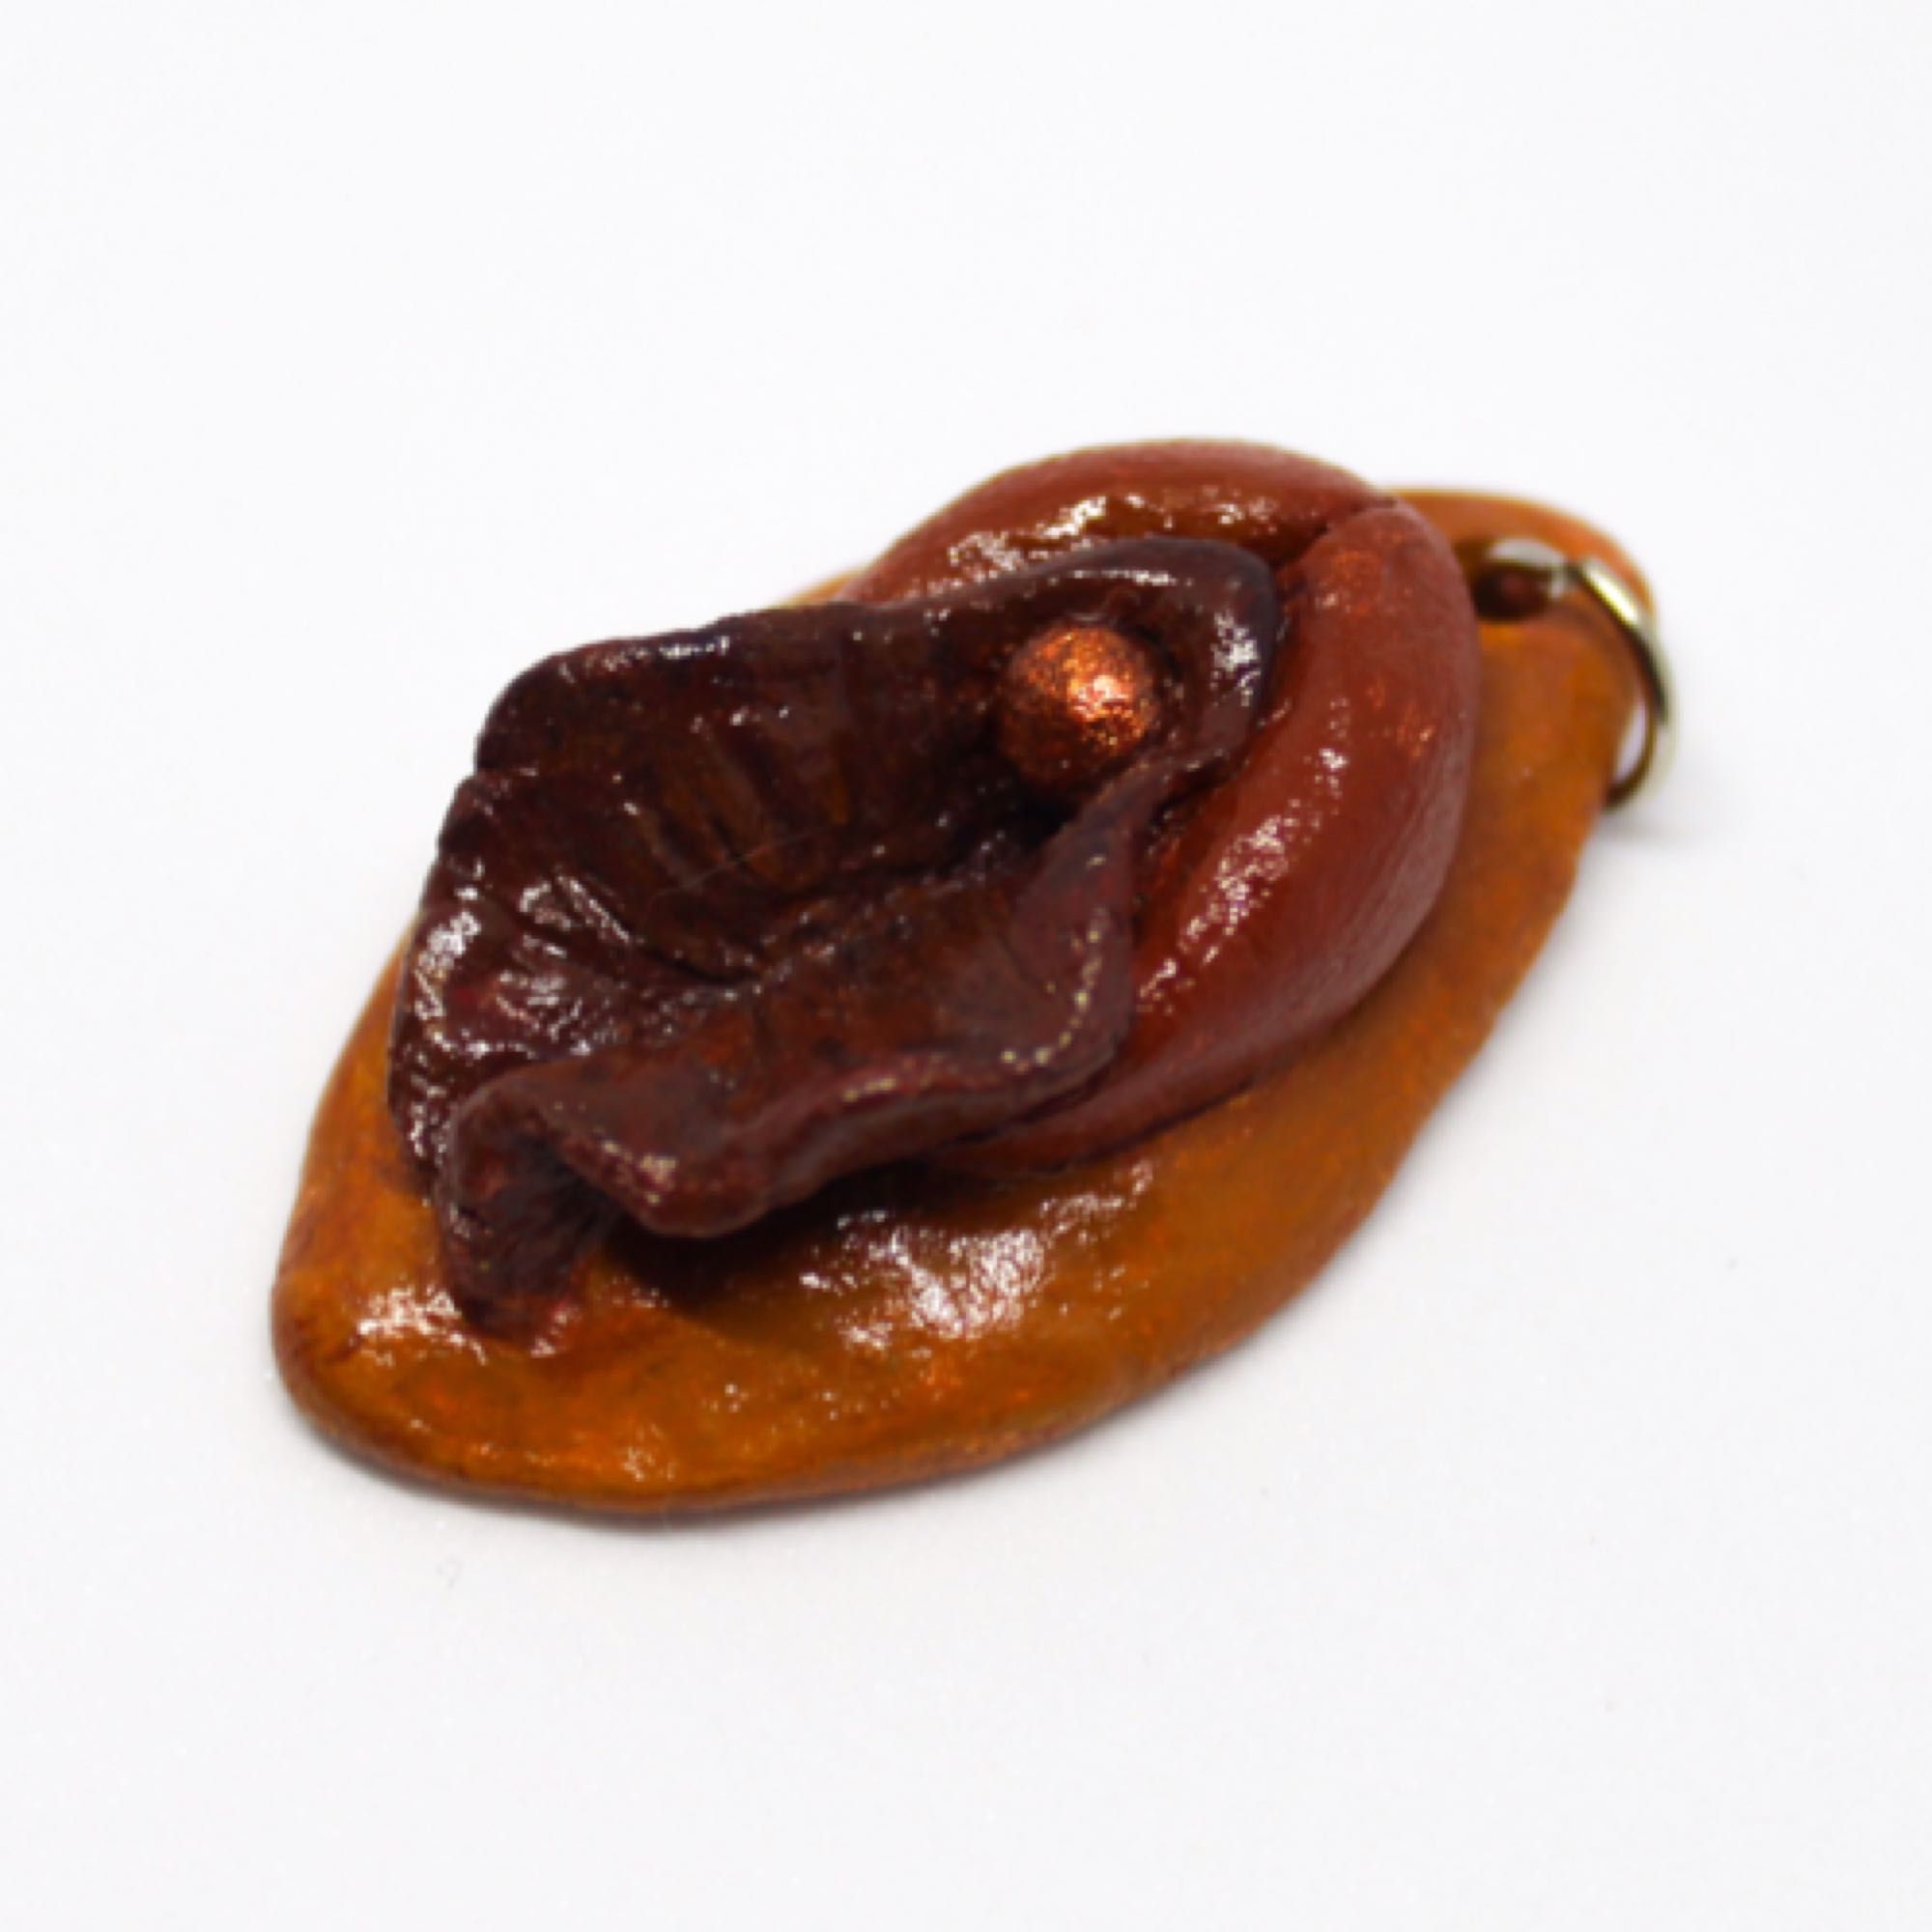 Liten vulva i lera. Mått 36mm x 21mm. Kedja eller